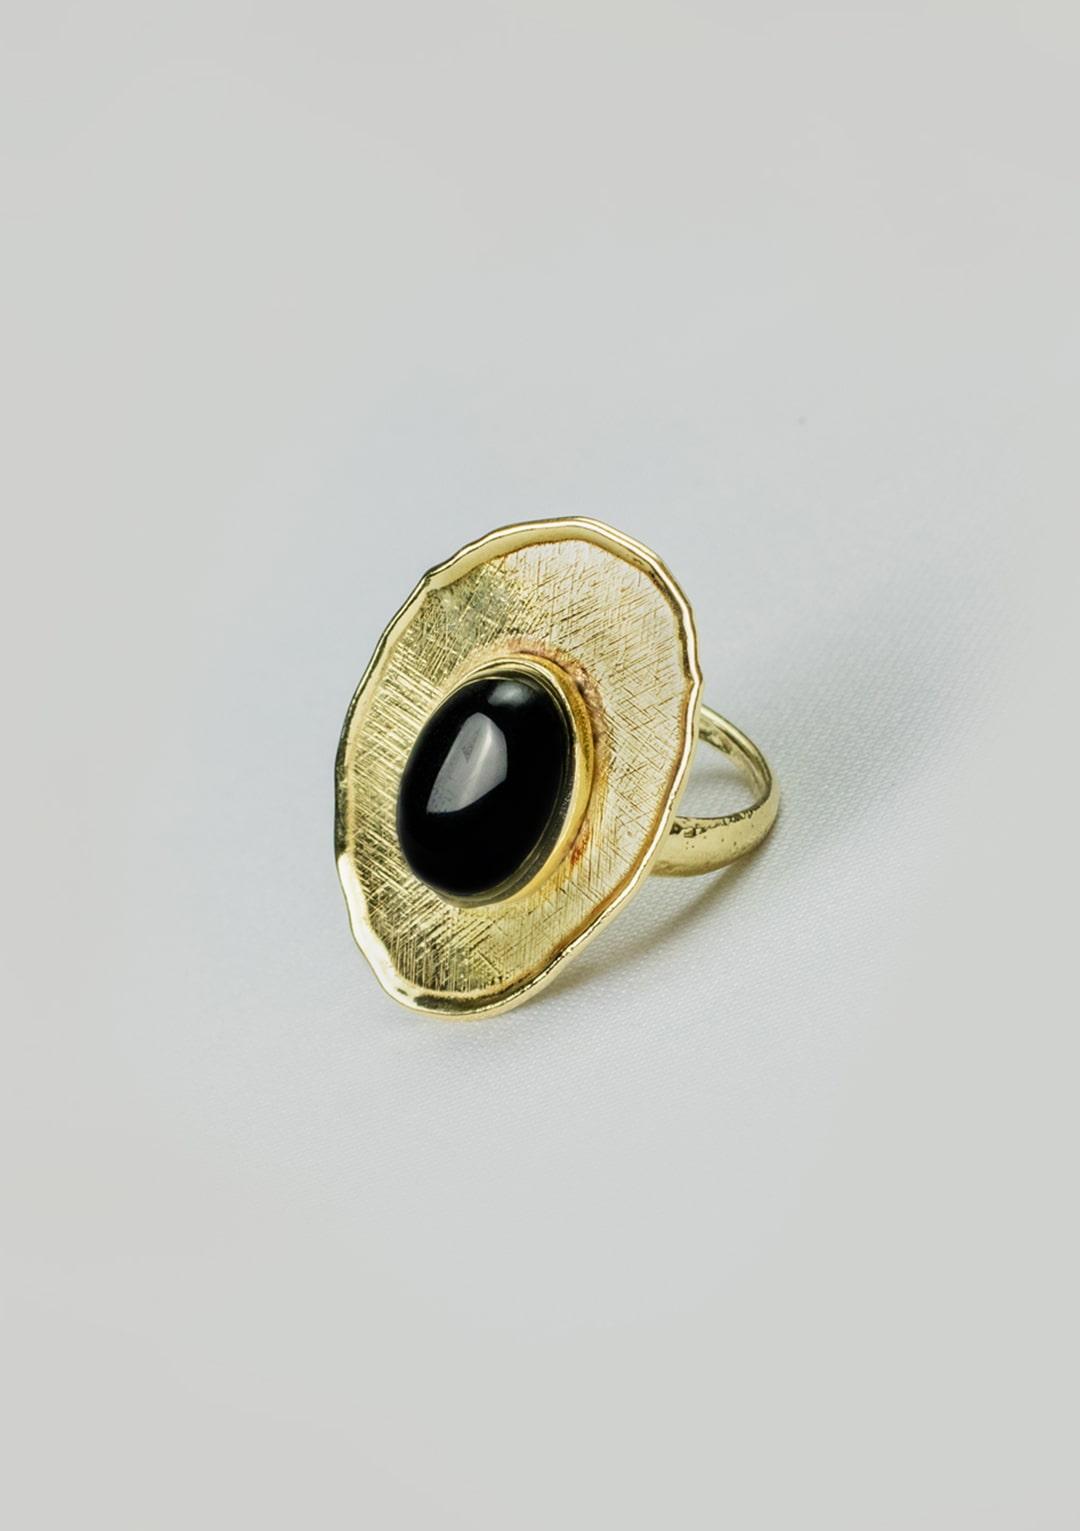 Bague réglable I cabochon d'Agate noire I argent massif doré à l'or 18 carats I Elliade Paris I vue de face I Label AÉ Paris